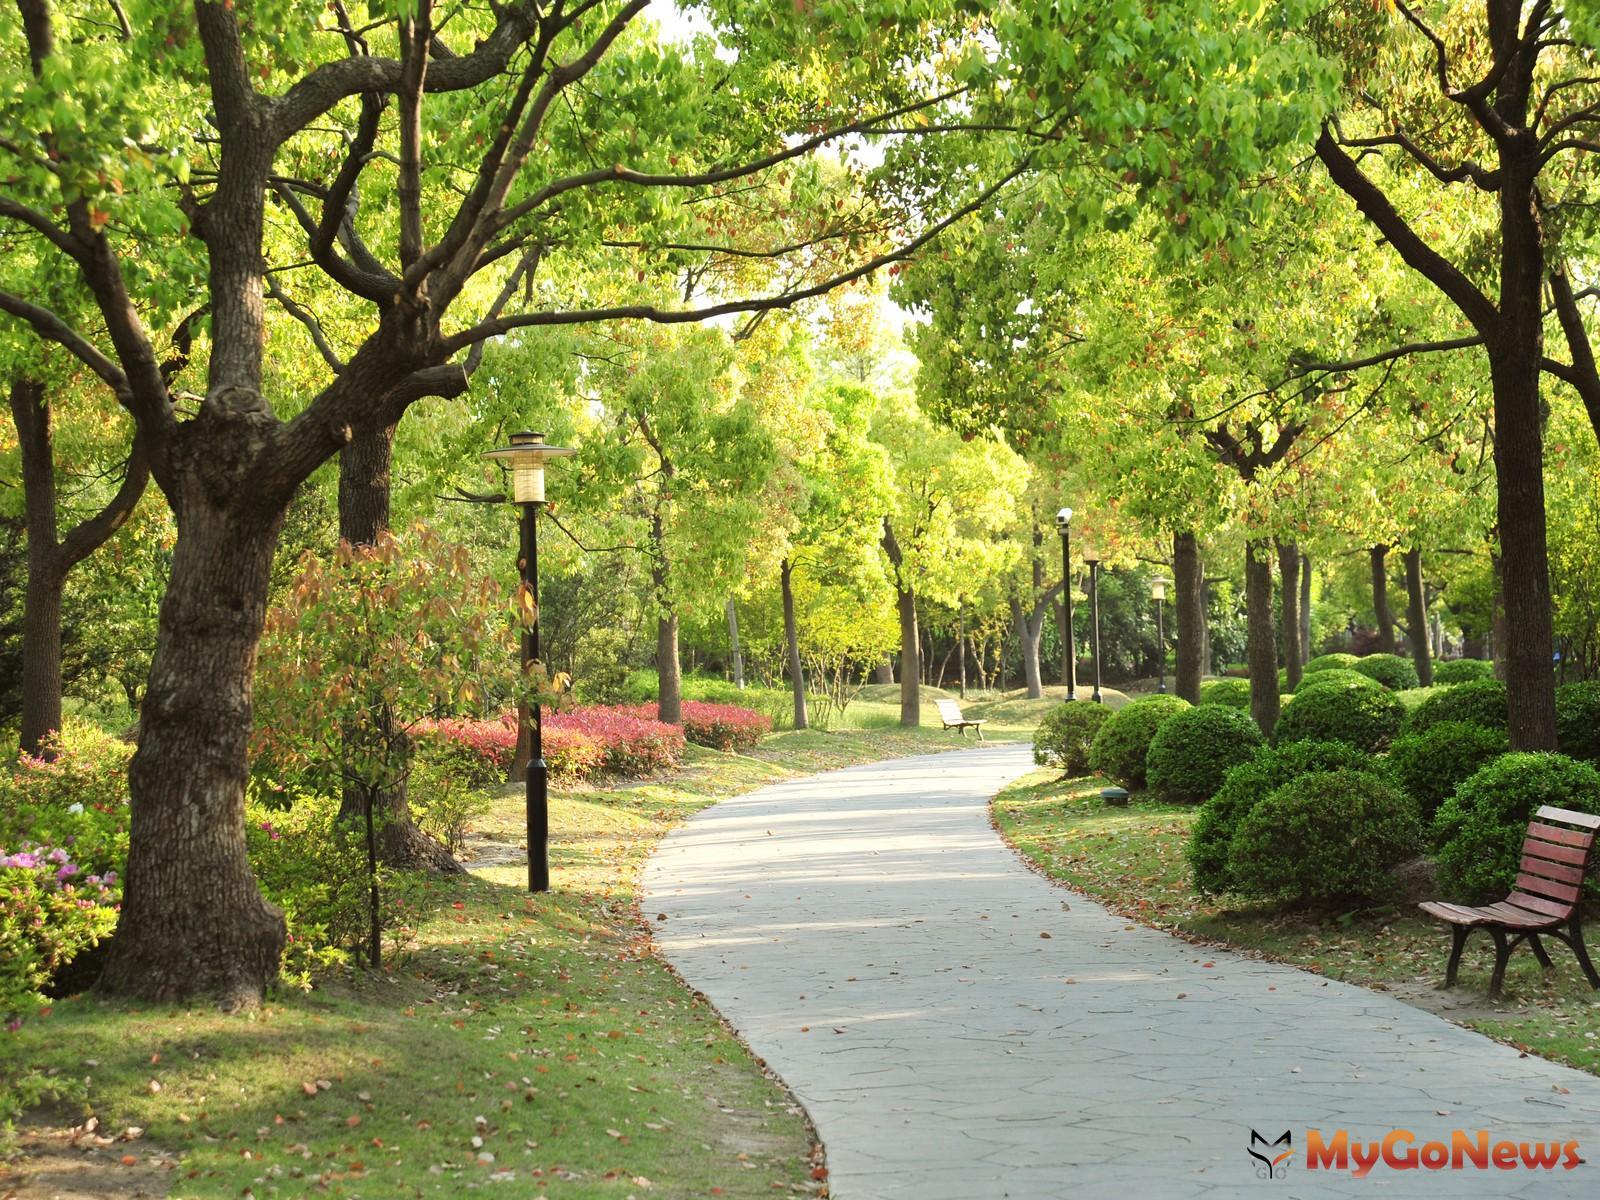 規劃60米綠園道,漫步在綠樹環抱間,彷彿走進一座公園,塑造了一種由喧囂至寧靜、回家的儀式感。(示意圖) MyGoNews房地產新聞 專題報導